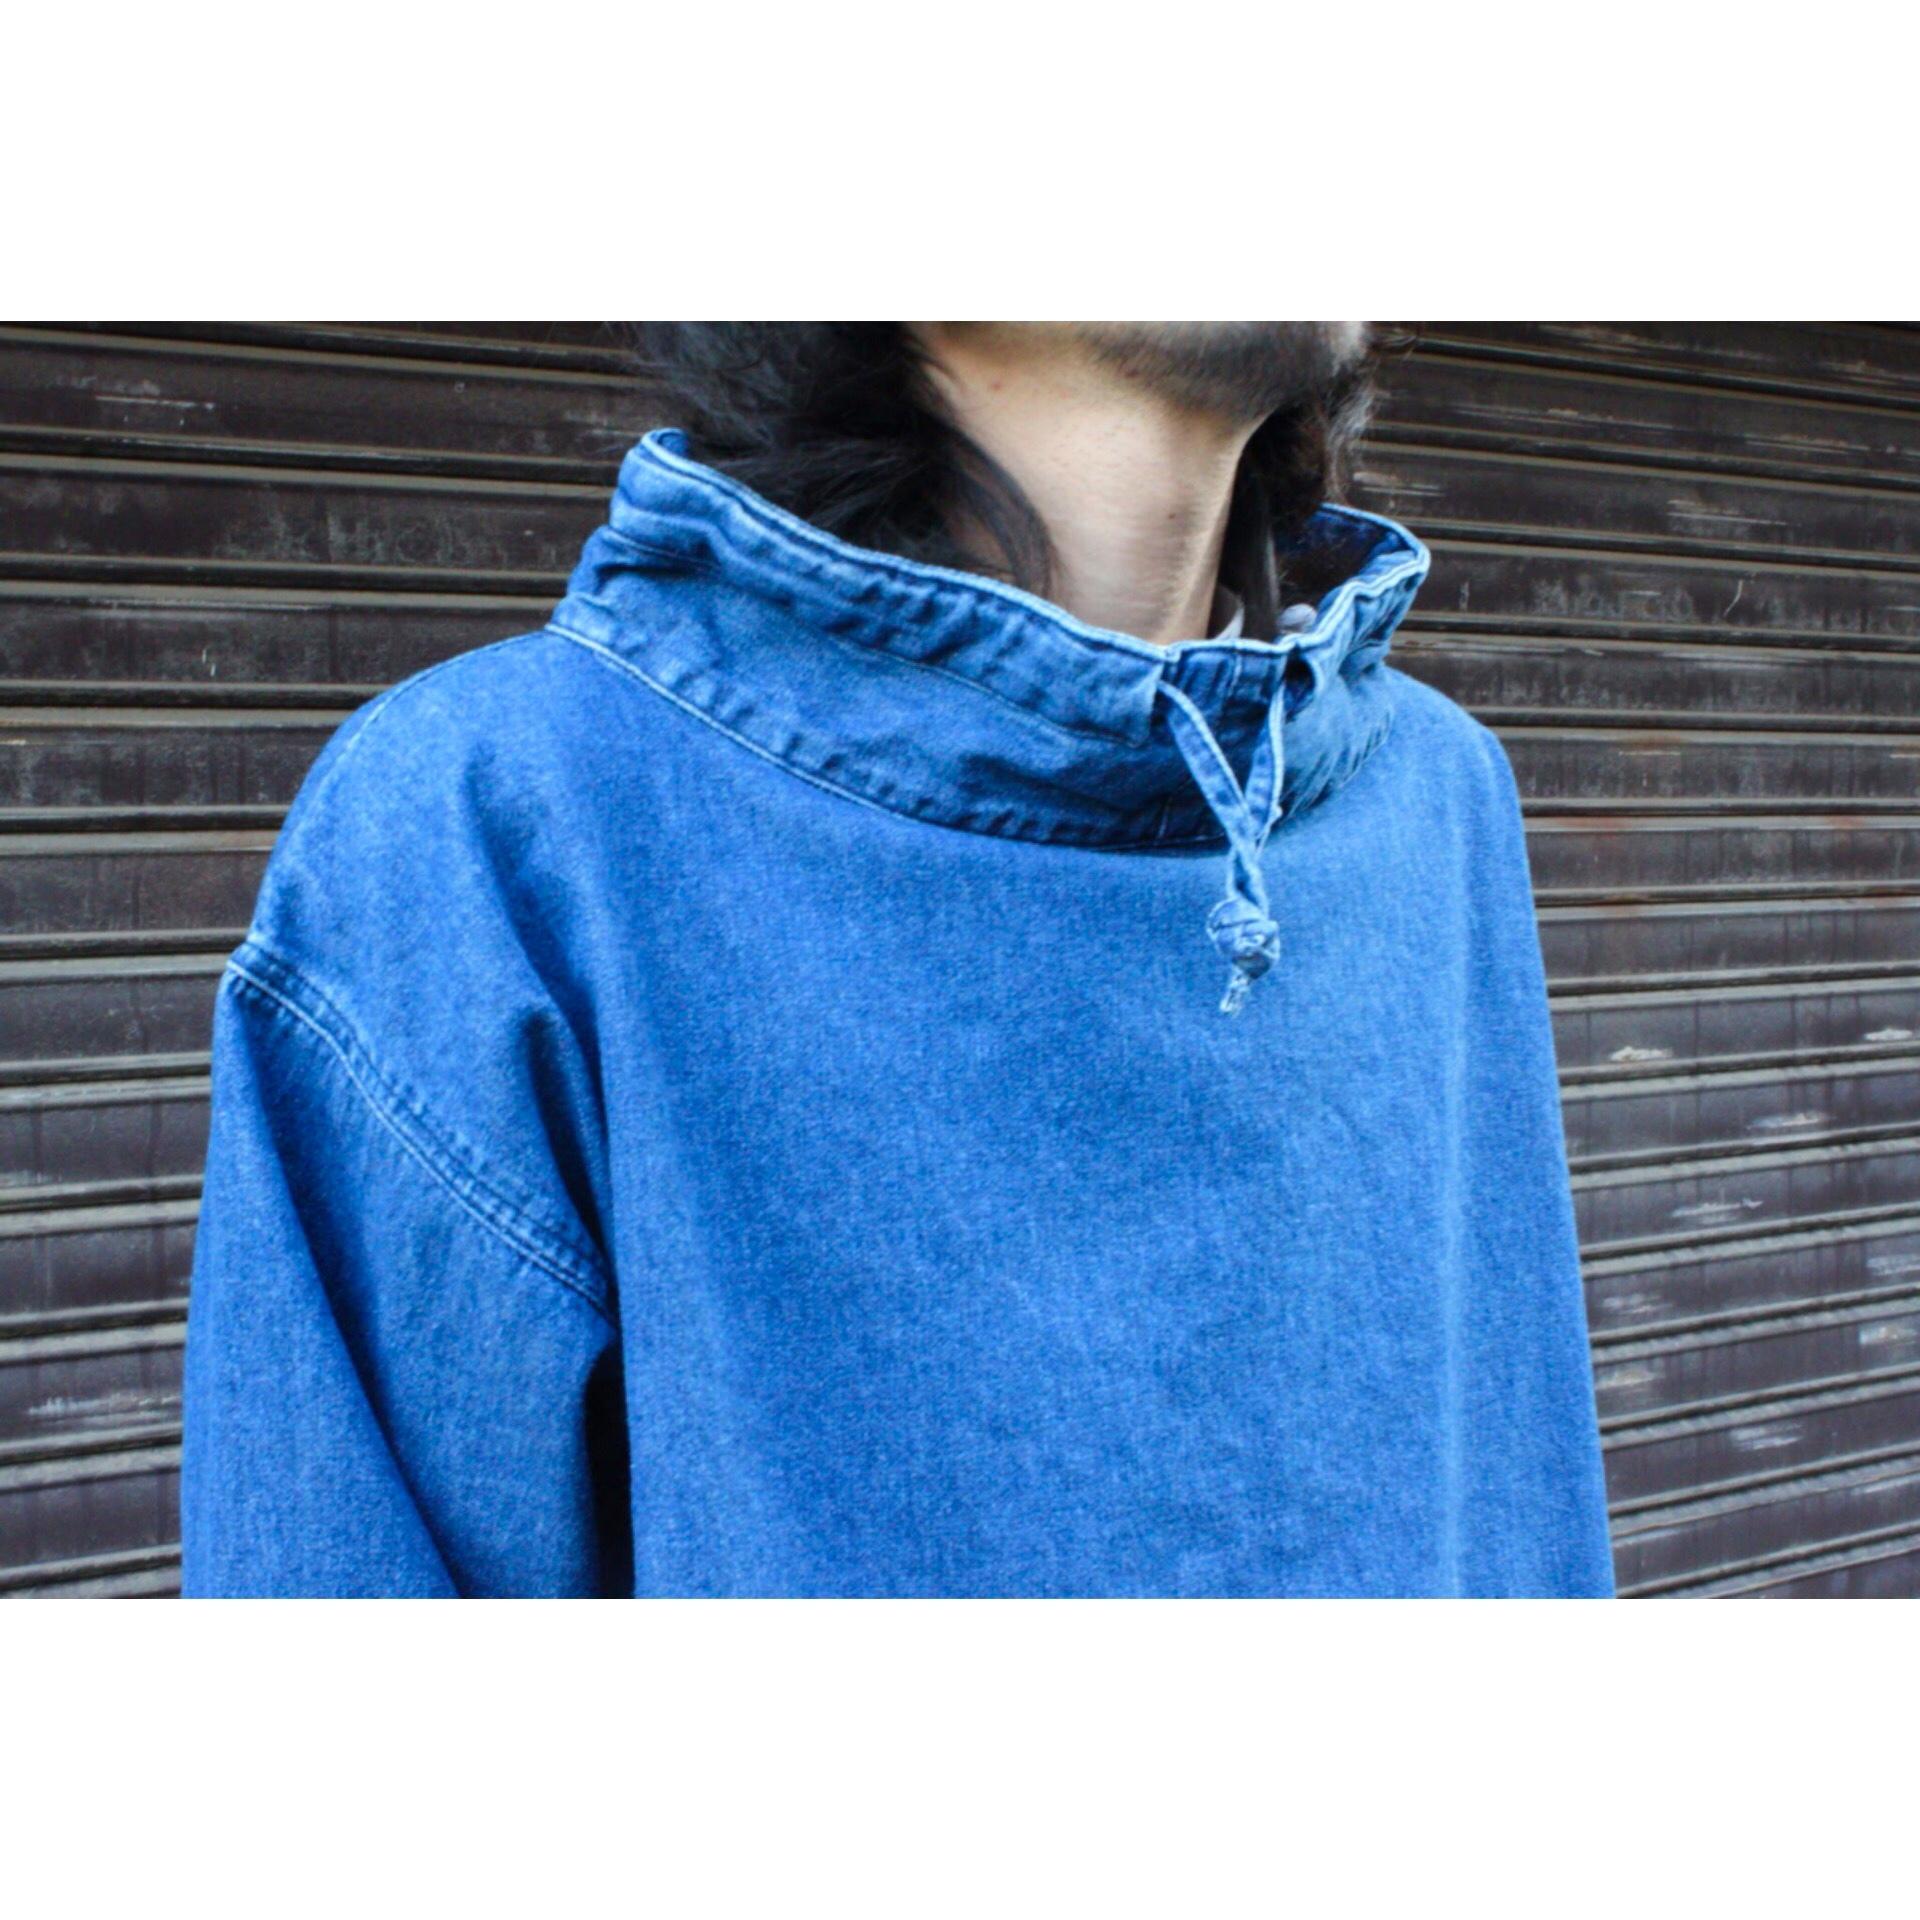 Vintage denim mock neck pullover shirt